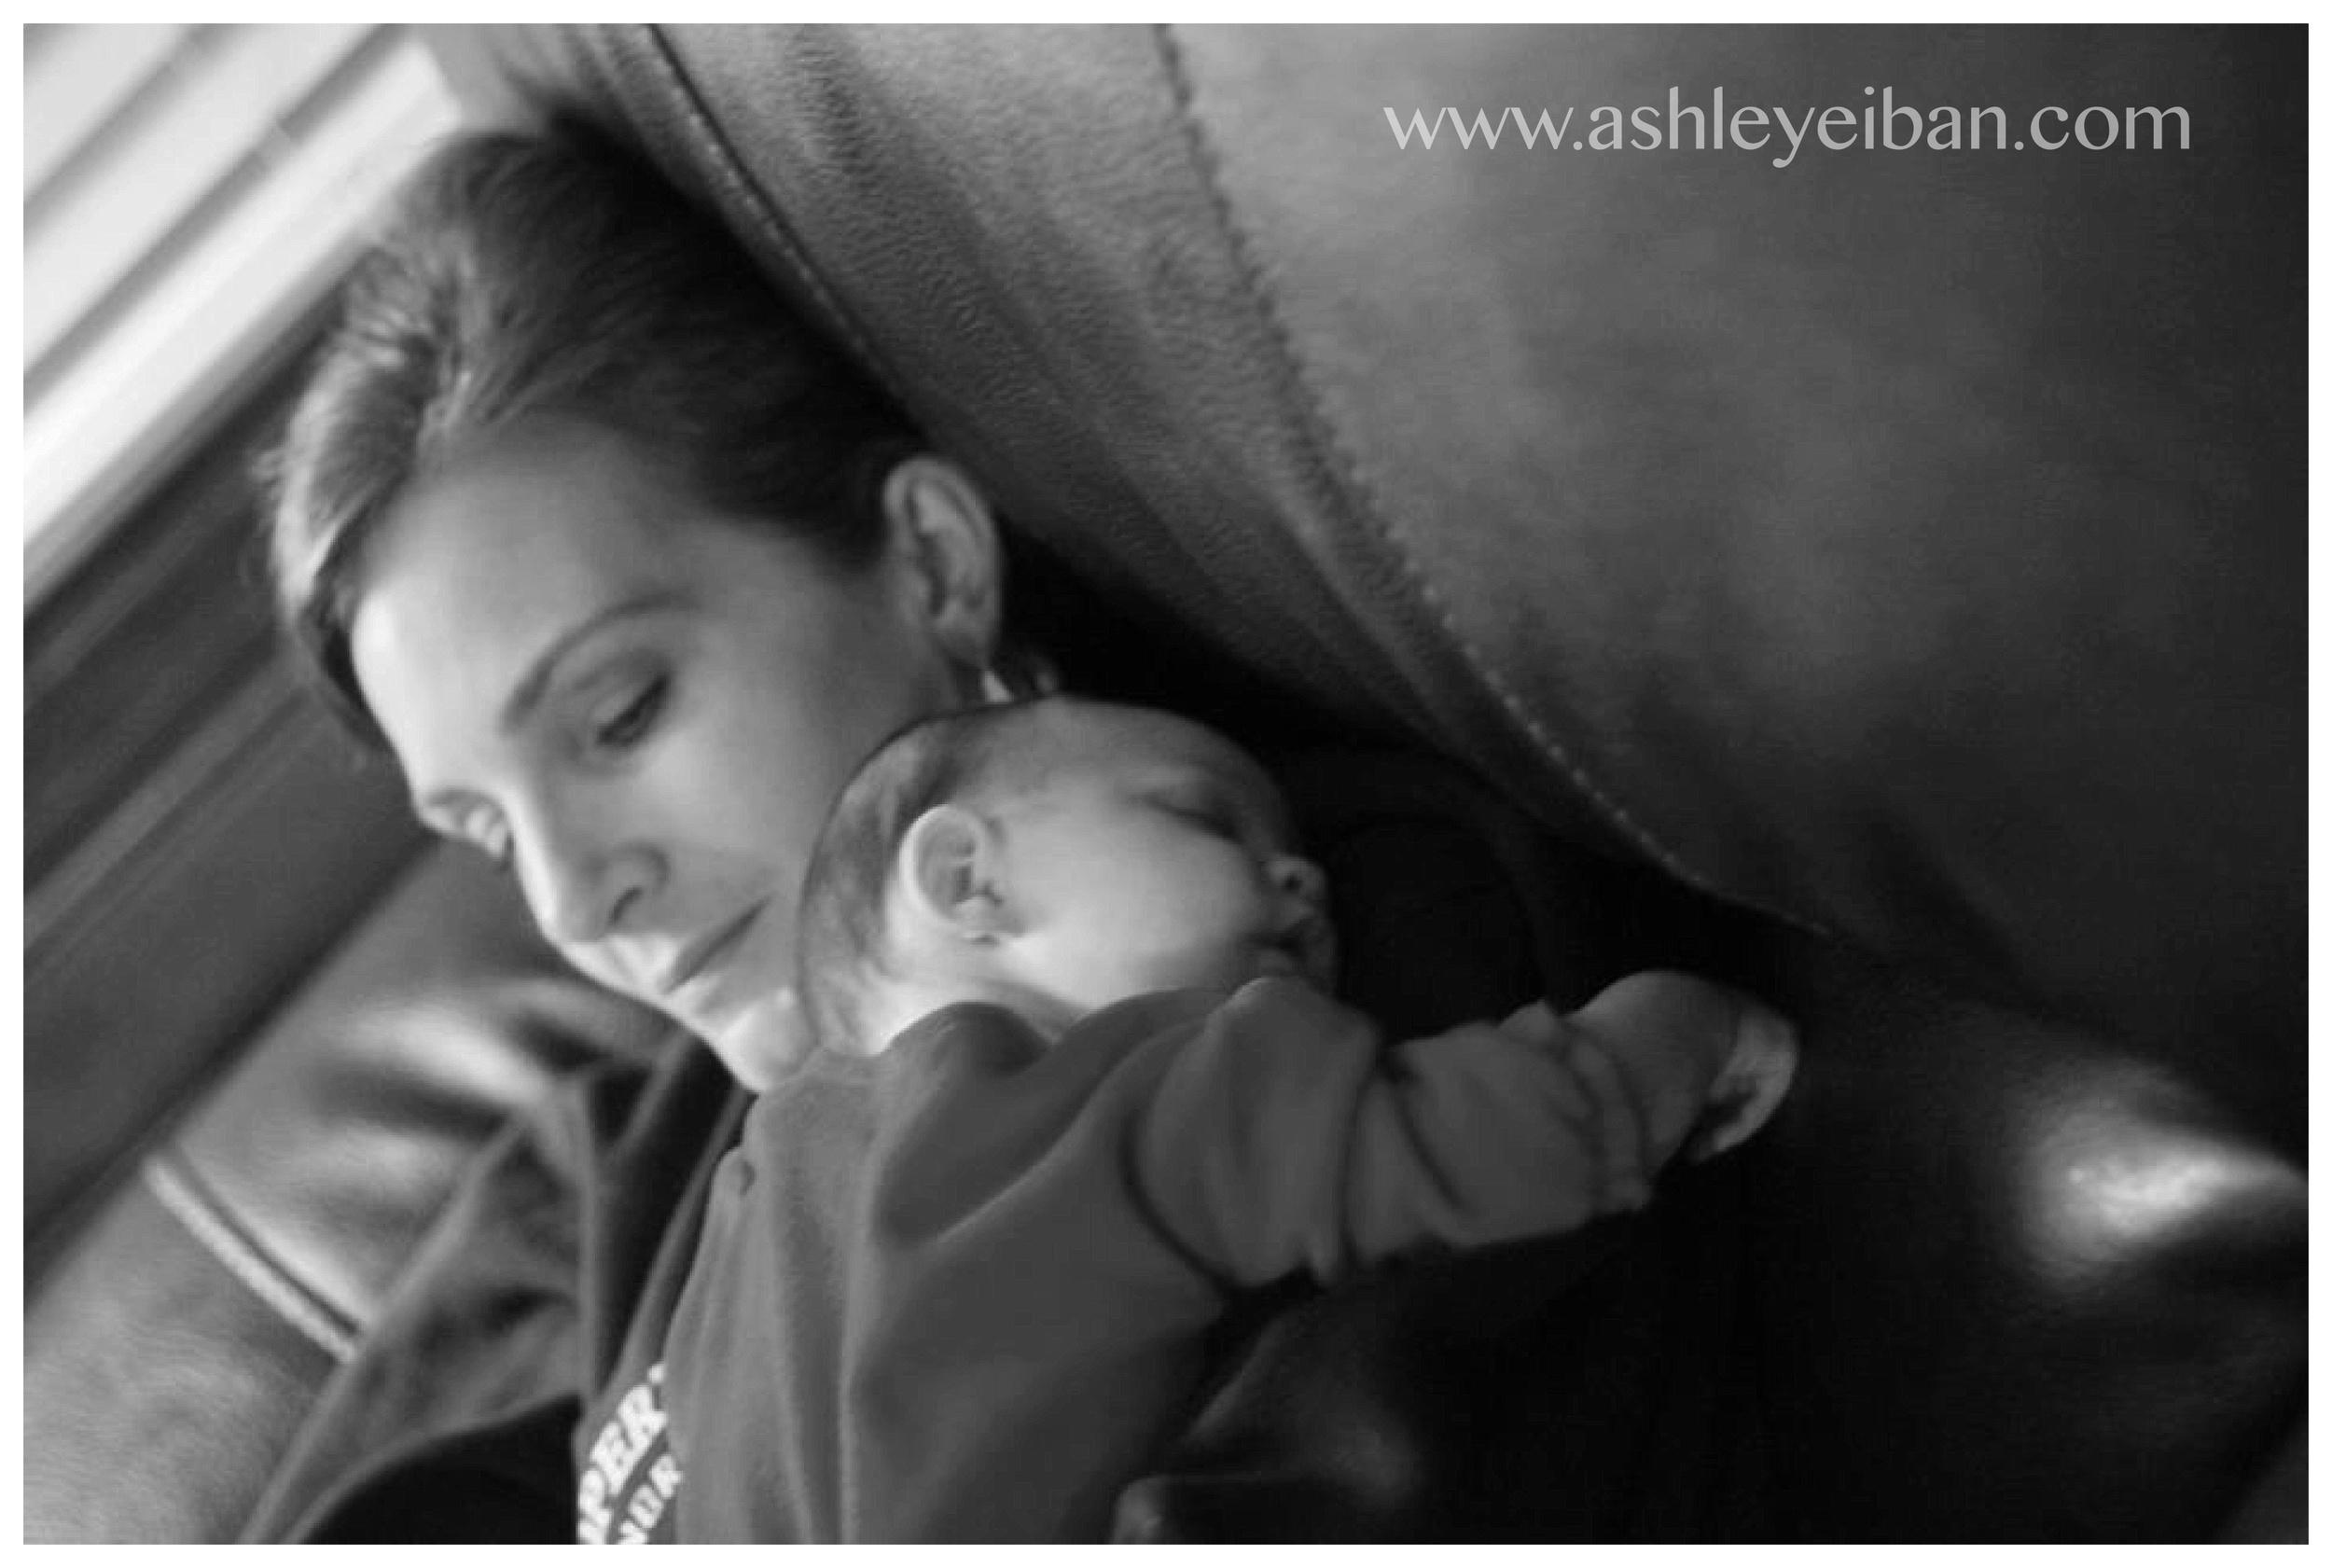 Lynchburg, Virginia Photographer // Ashley Eiban Photography // www.ashleyeiban.com